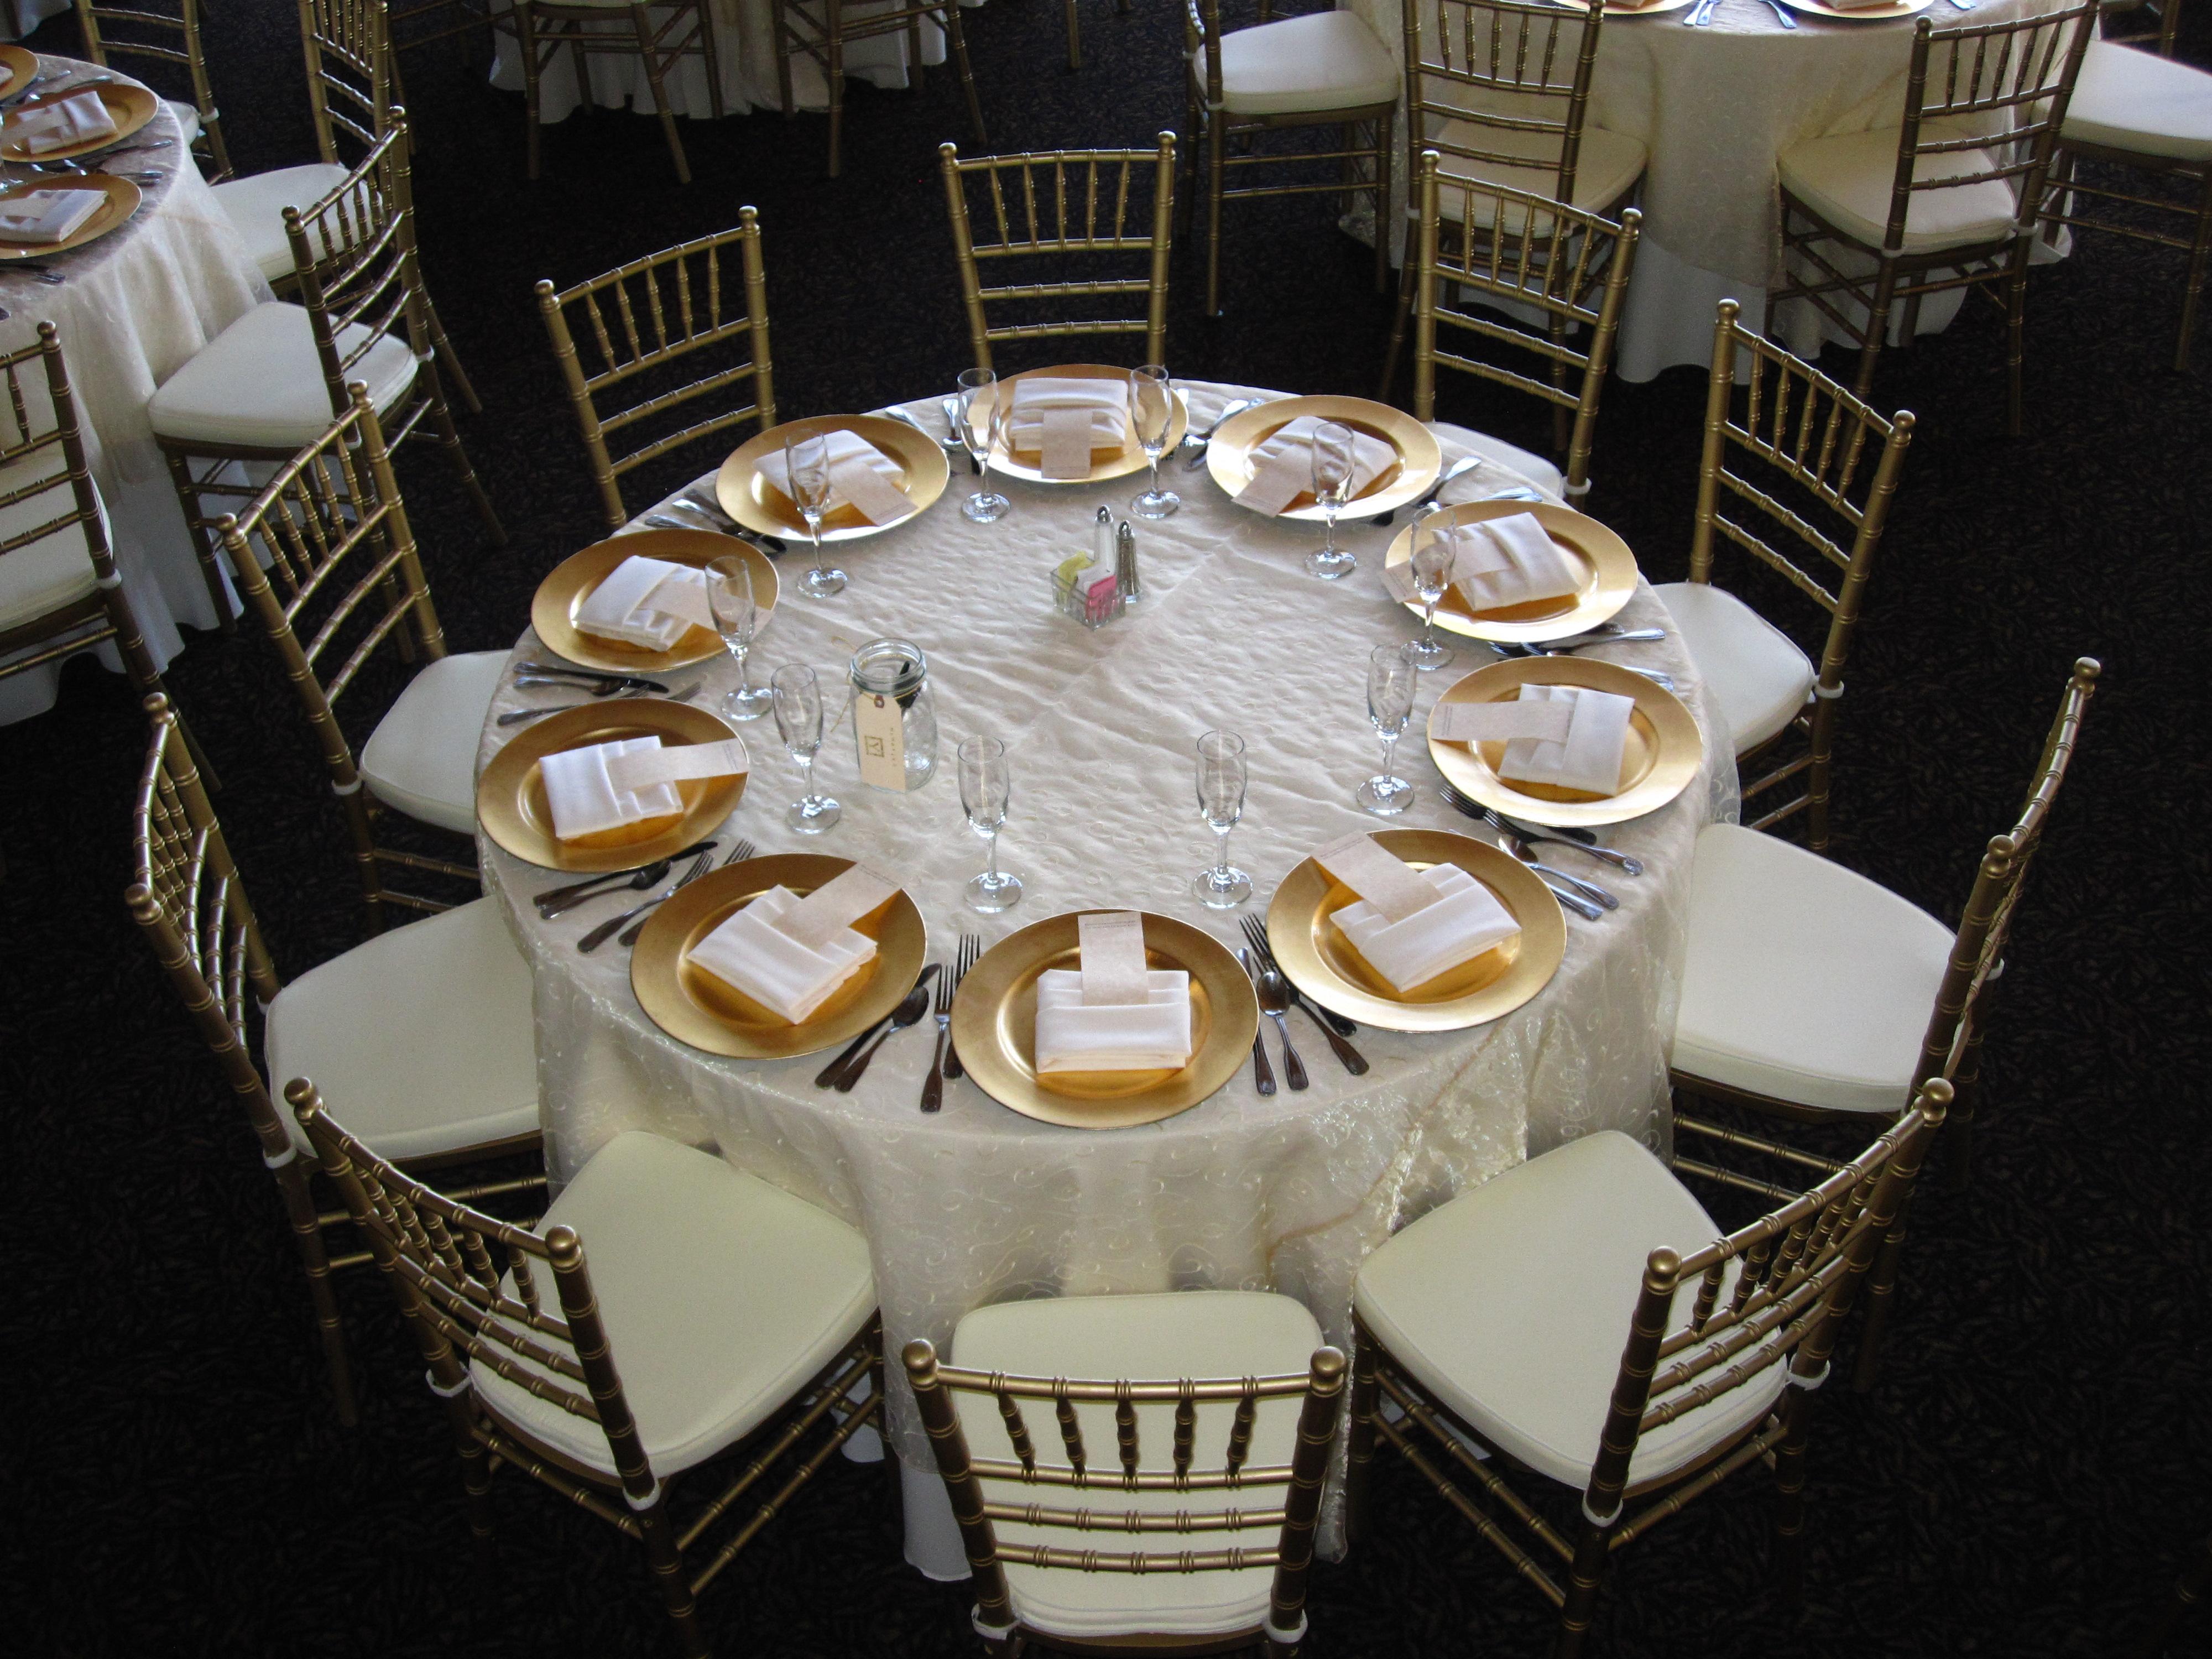 Golden Wedding 50th Anniversary Table Confetti